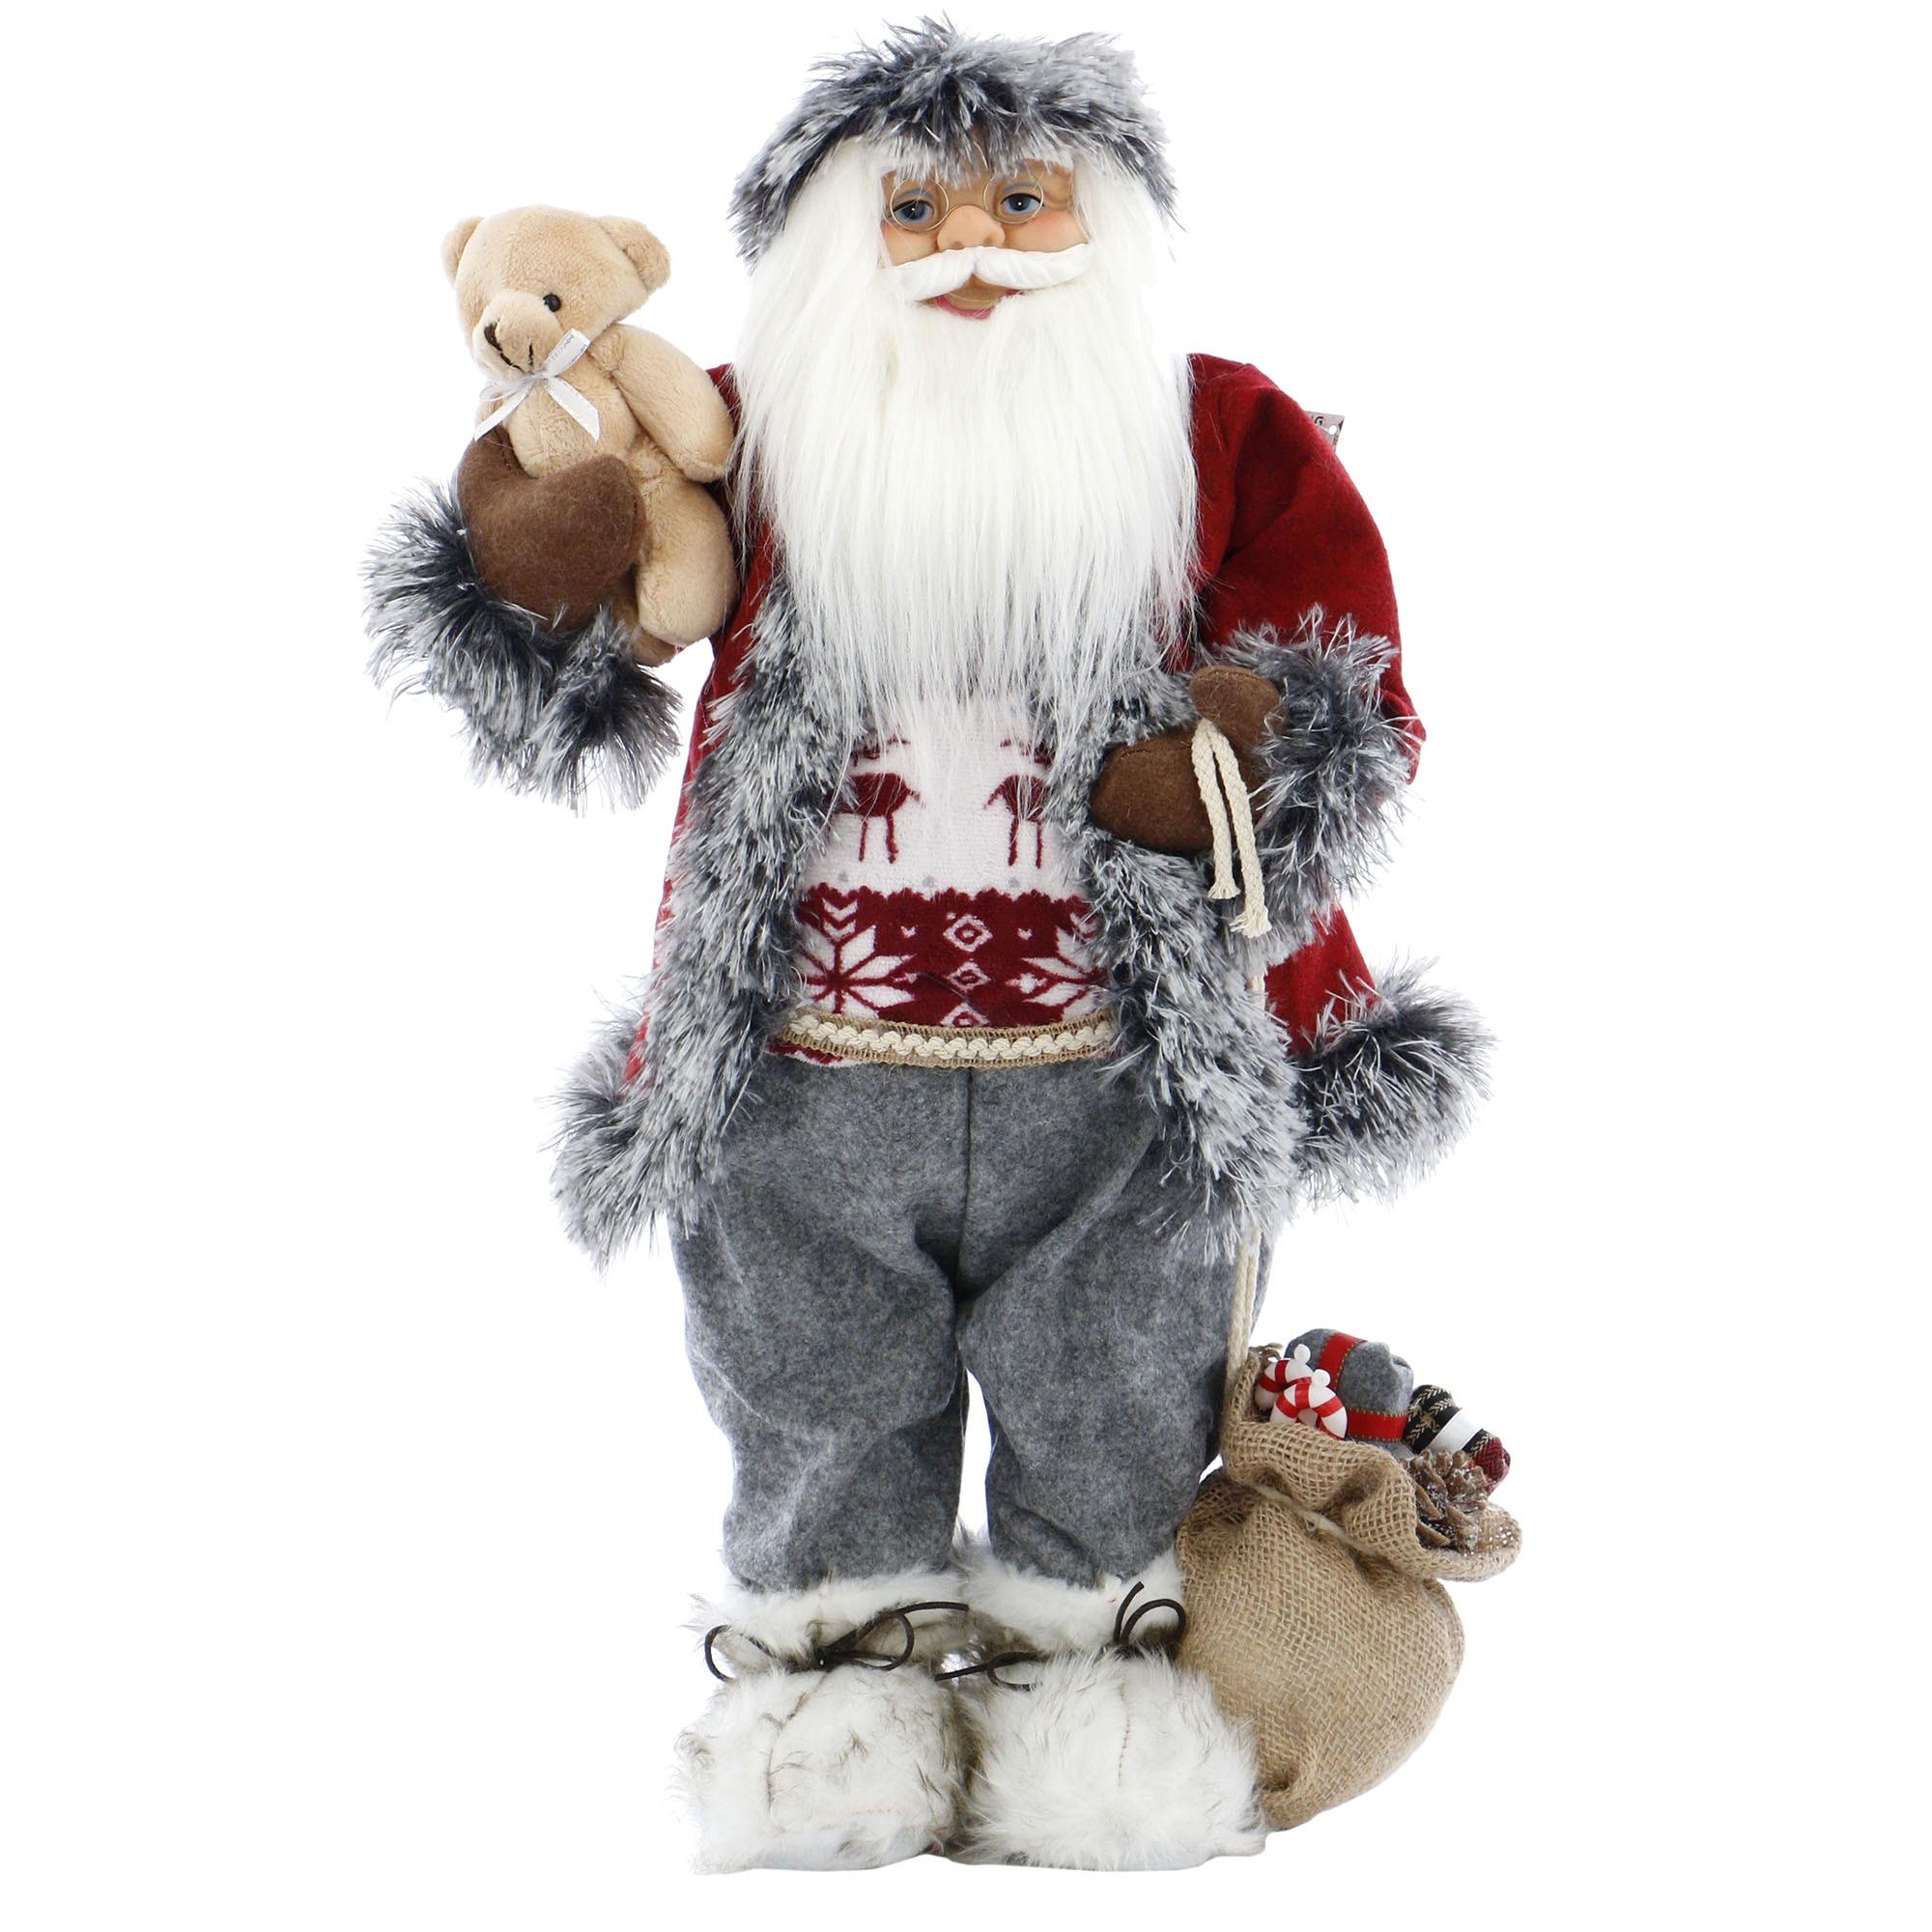 Fotografie Mos Craciun Kring, cu ursulet si sac de cadouri, vesta rosie, 61 cm, Alb / Rosu